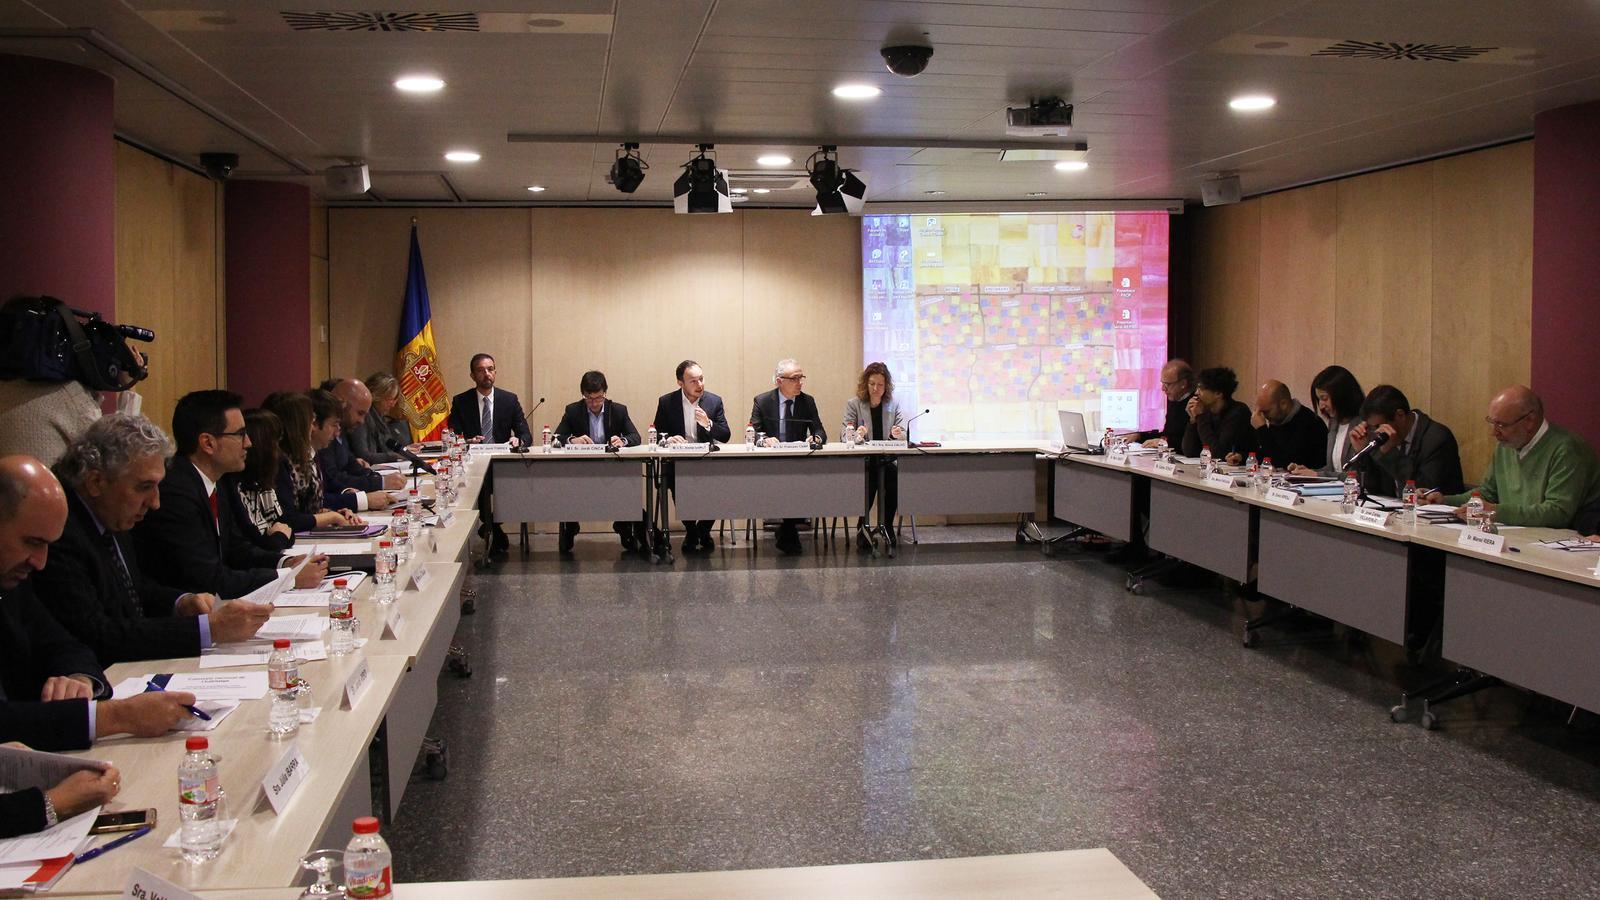 Un moment de la tercera reunió de la Comissió Nacional de l'Habitatge celebrada aquest dimarts. / M. R. F.